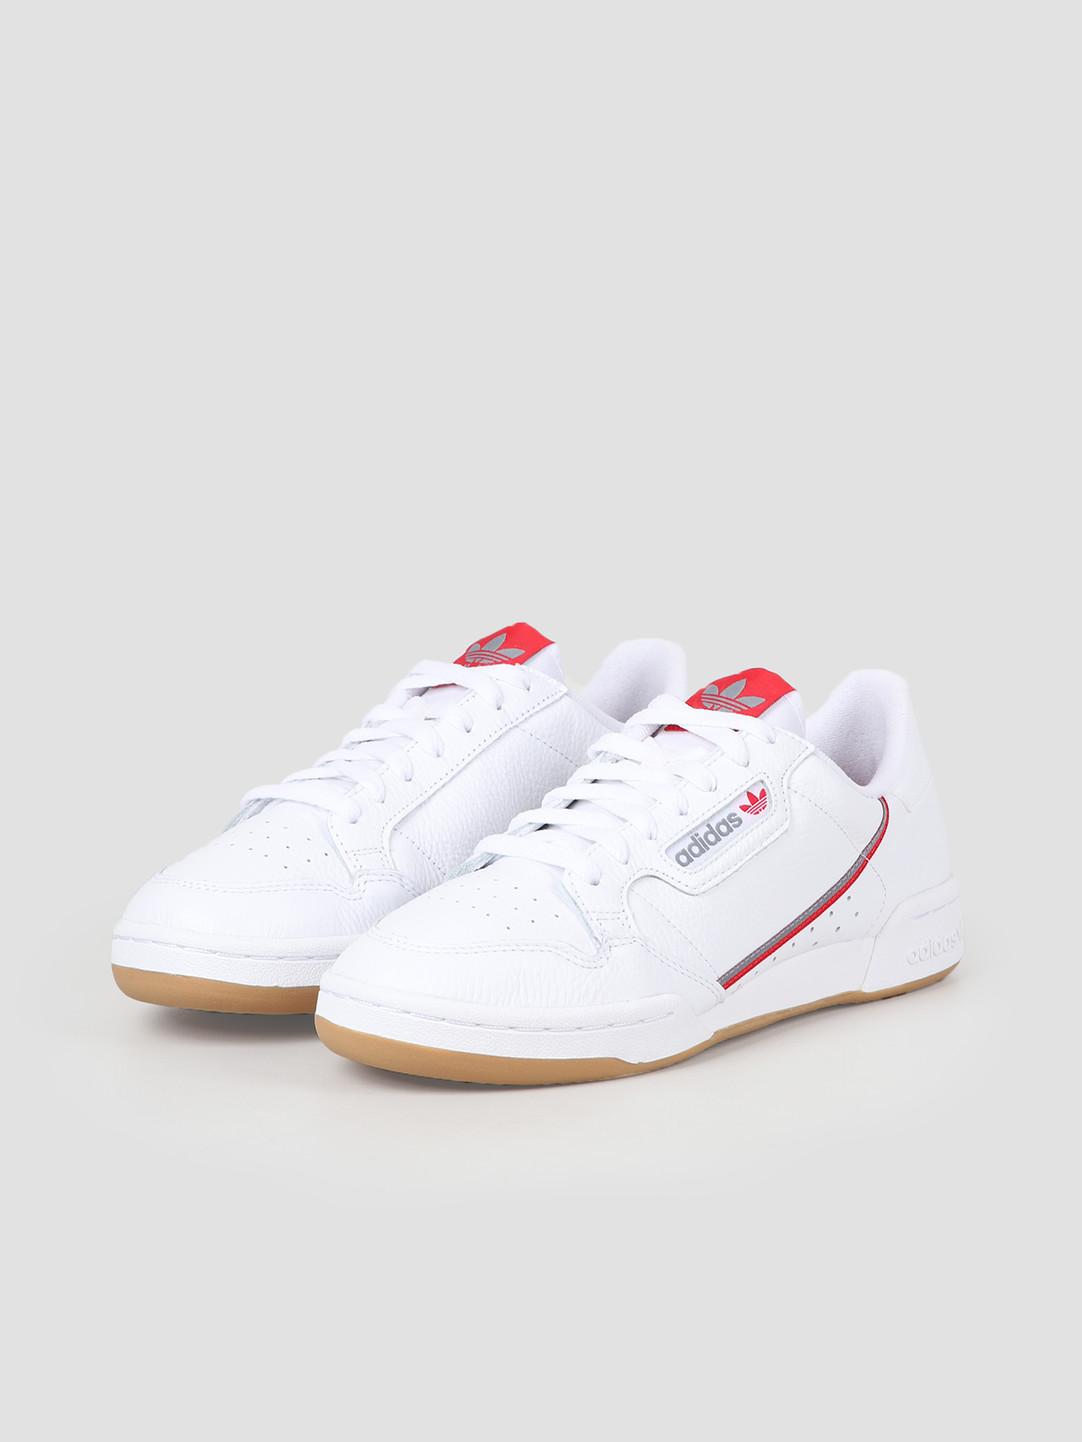 adidas adidas Continental 80 Grey White Scarle FV0356